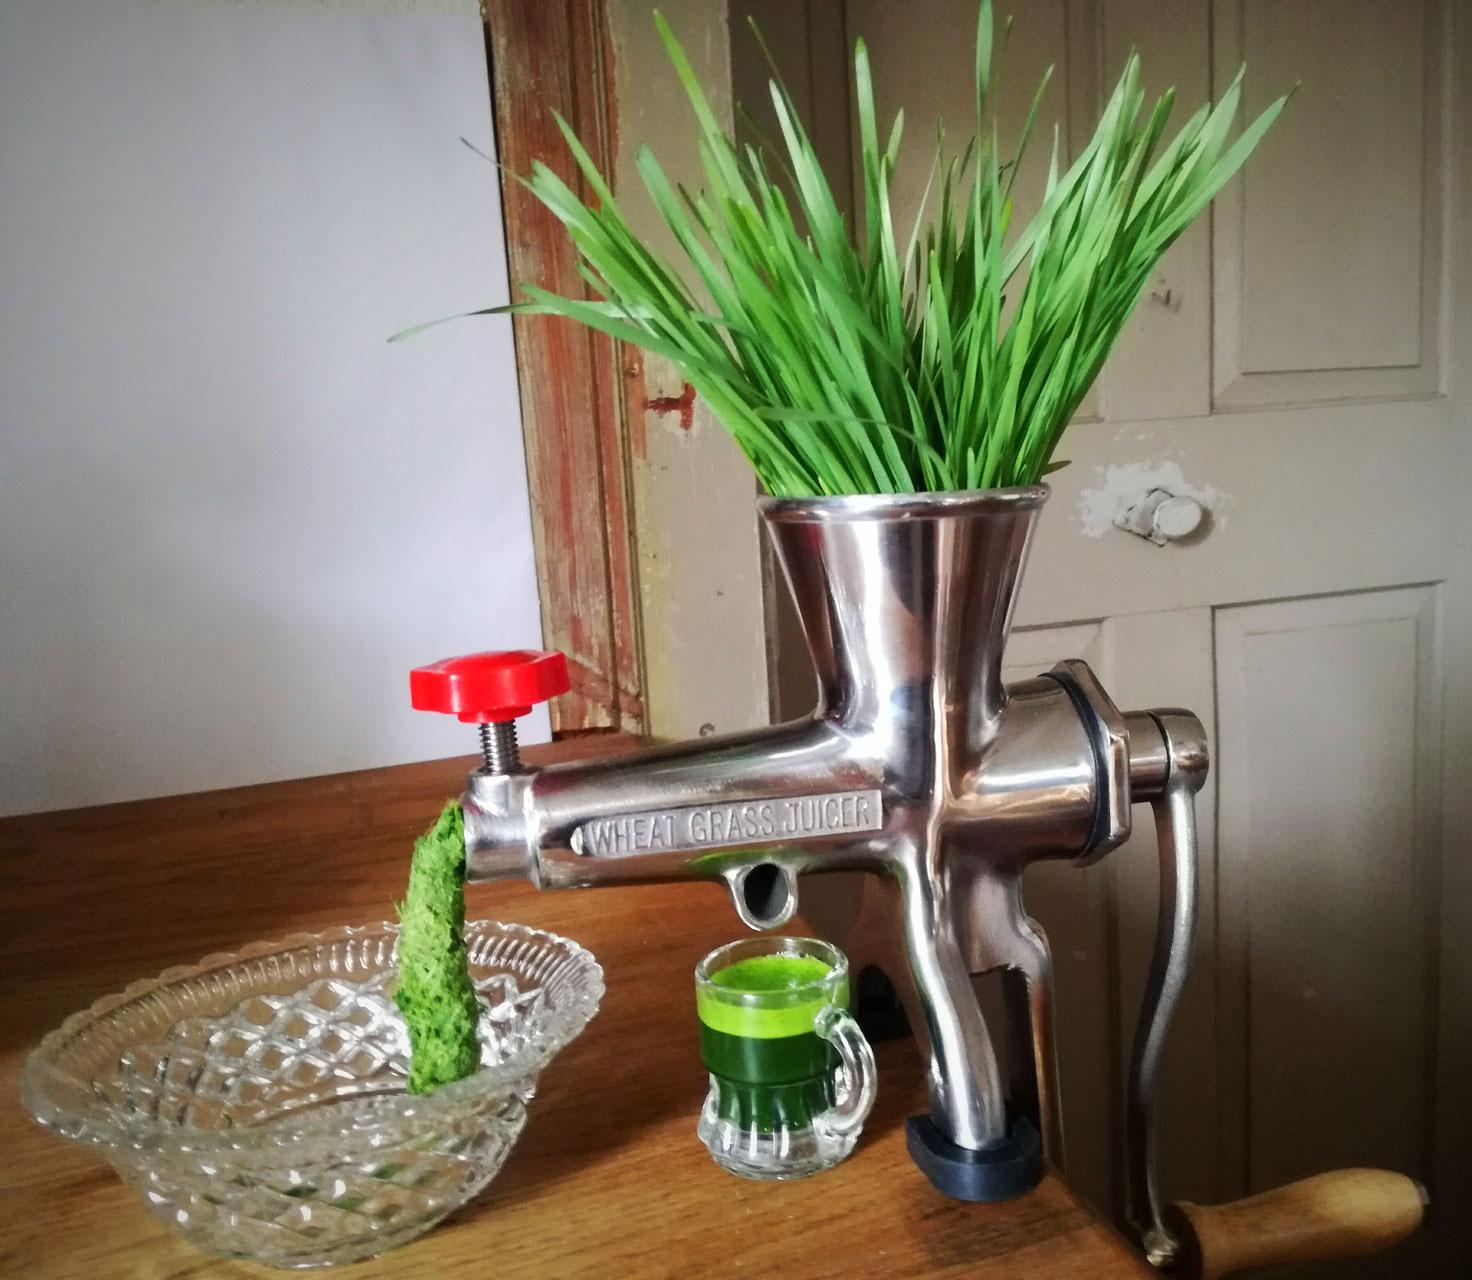 saftpresse gc 101 green connection frisches bio weizengras zur herstellung von. Black Bedroom Furniture Sets. Home Design Ideas